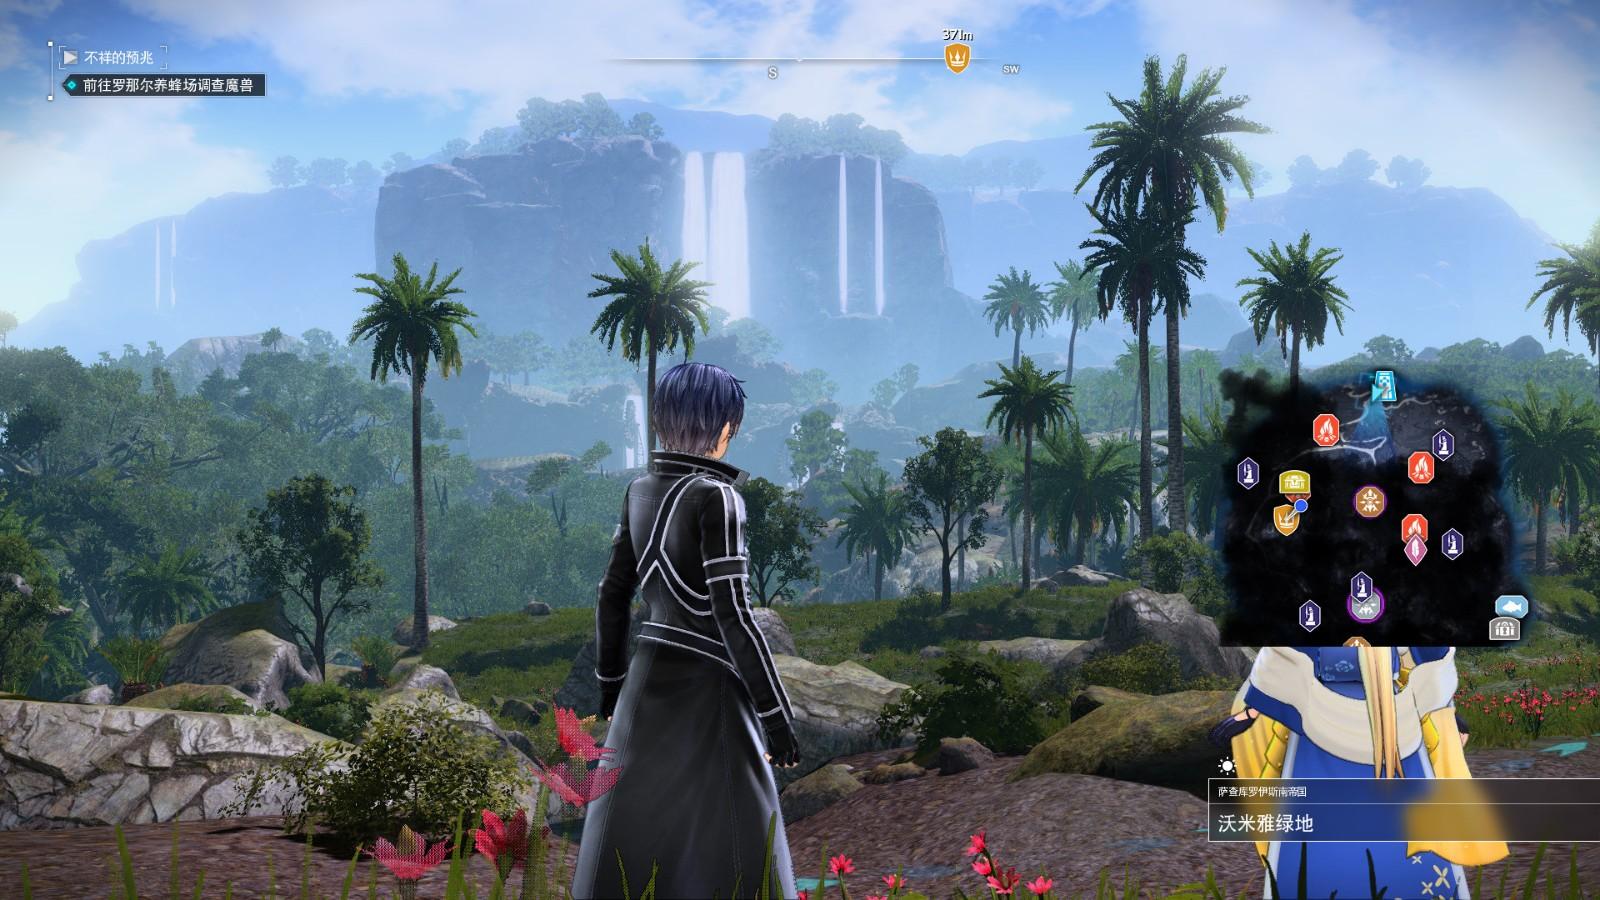 《刀剑神域:彼岸游境》评测:粗糙的优化摧毁游戏体验 (1)